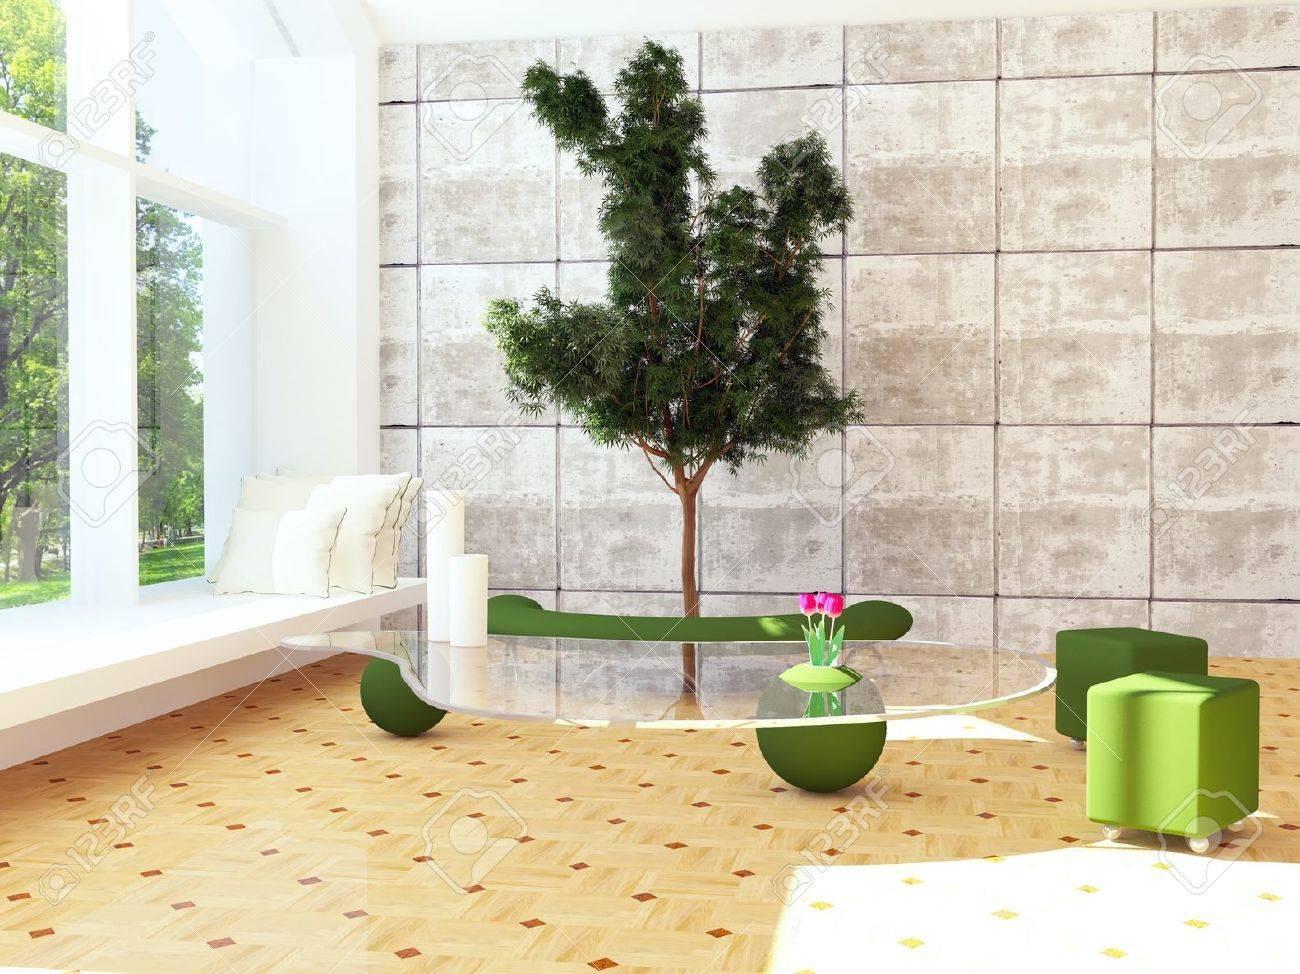 Modern Interieur Scène Met Een Boom Binnen, 3d Render Royalty-Vrije ...